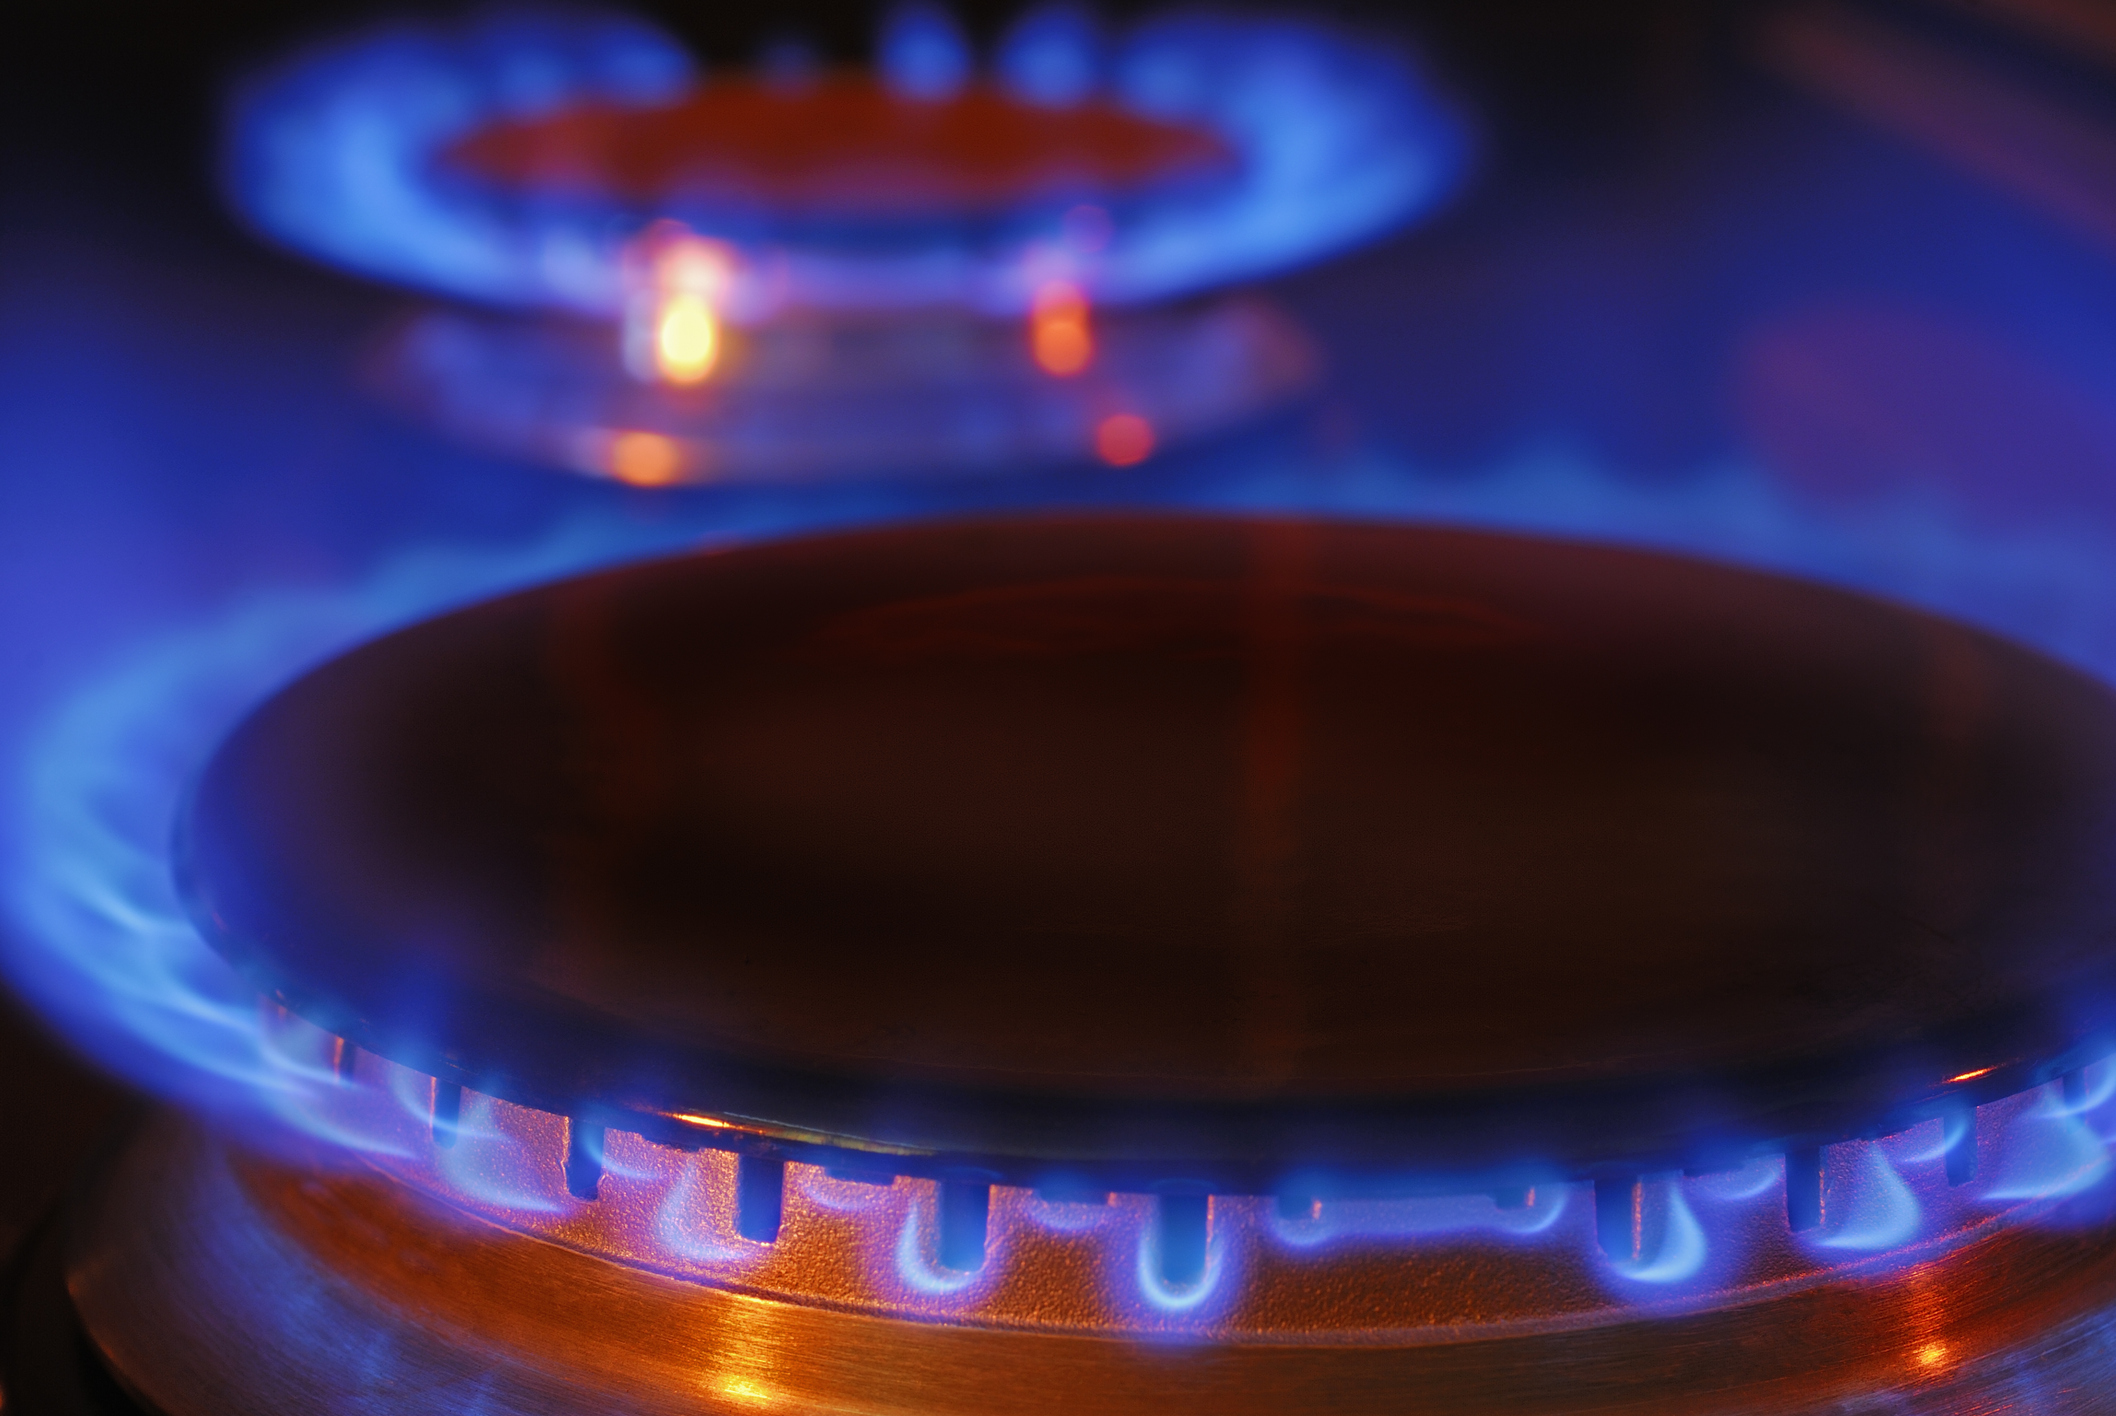 Șeful CEZ: Prețul gazelor va crește cu două treimi în 2022